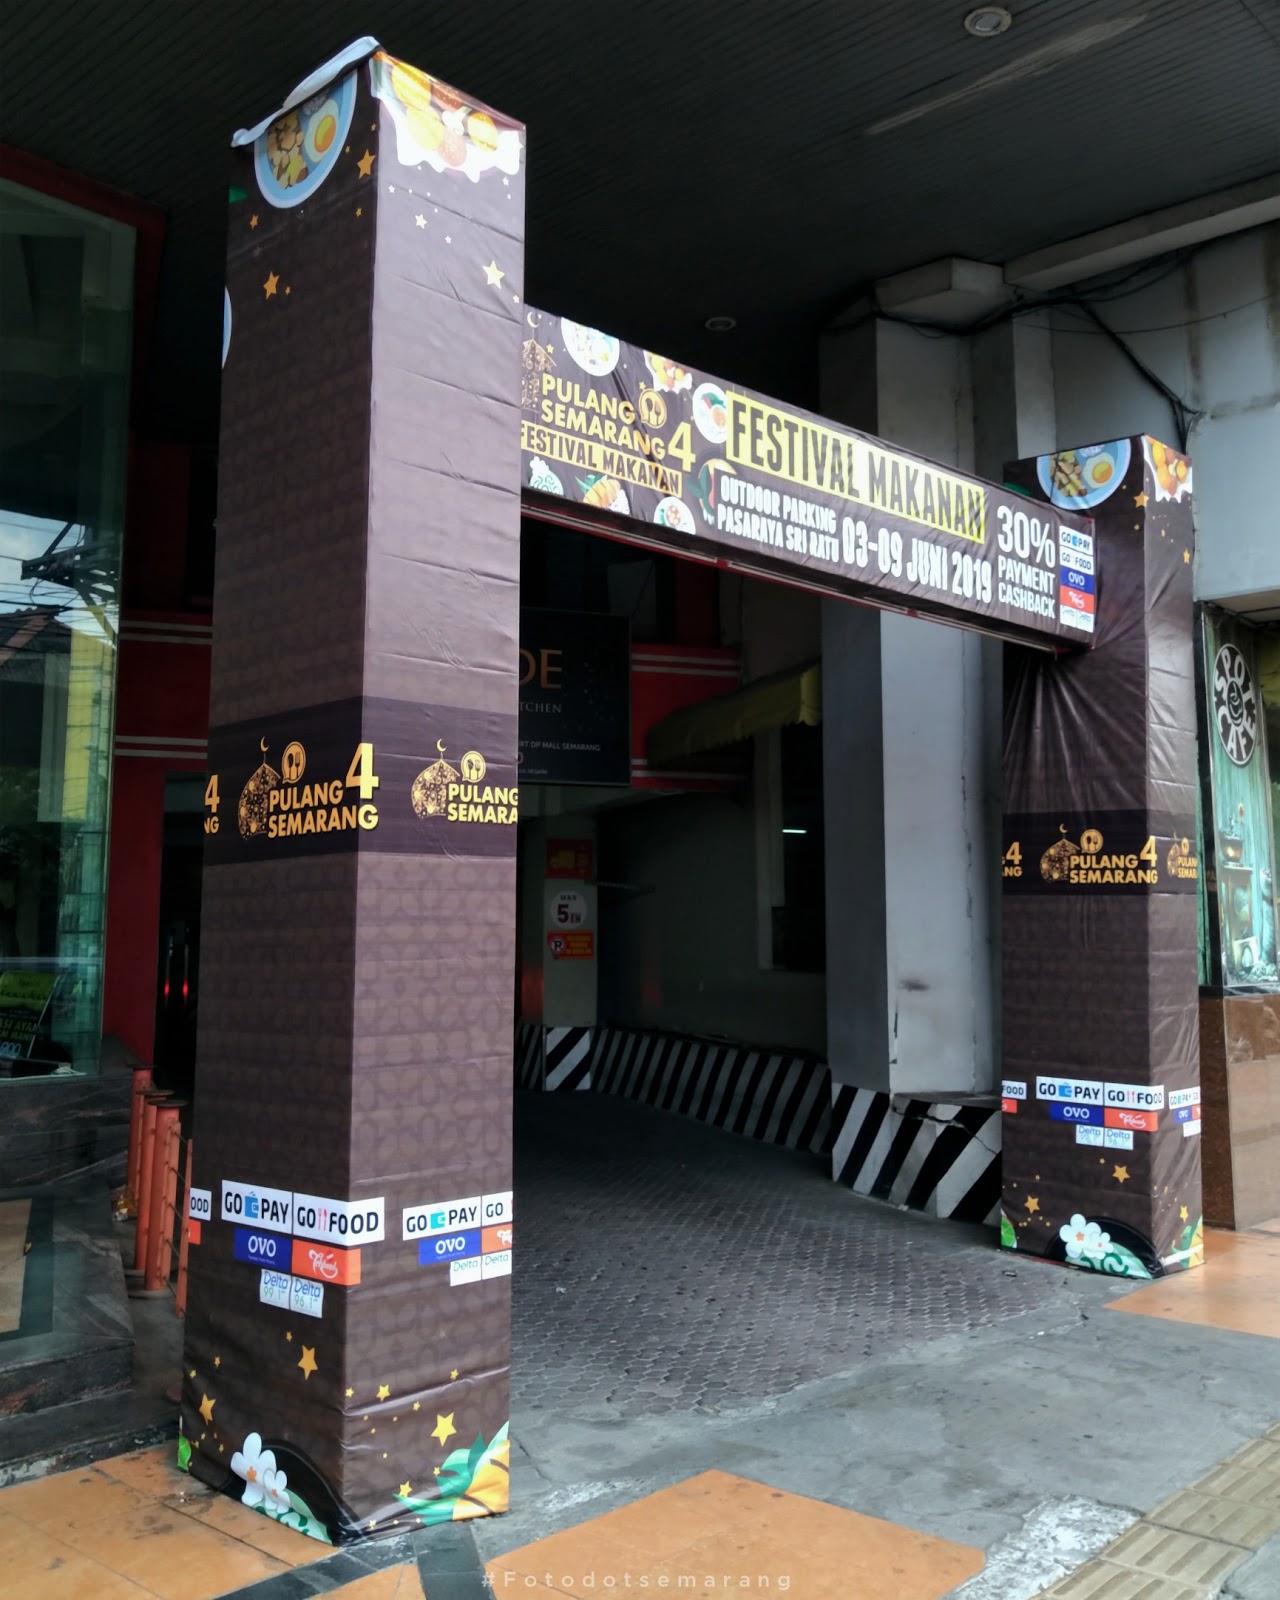 [Photoblog] Festival Makanan Pulang Semarang 4